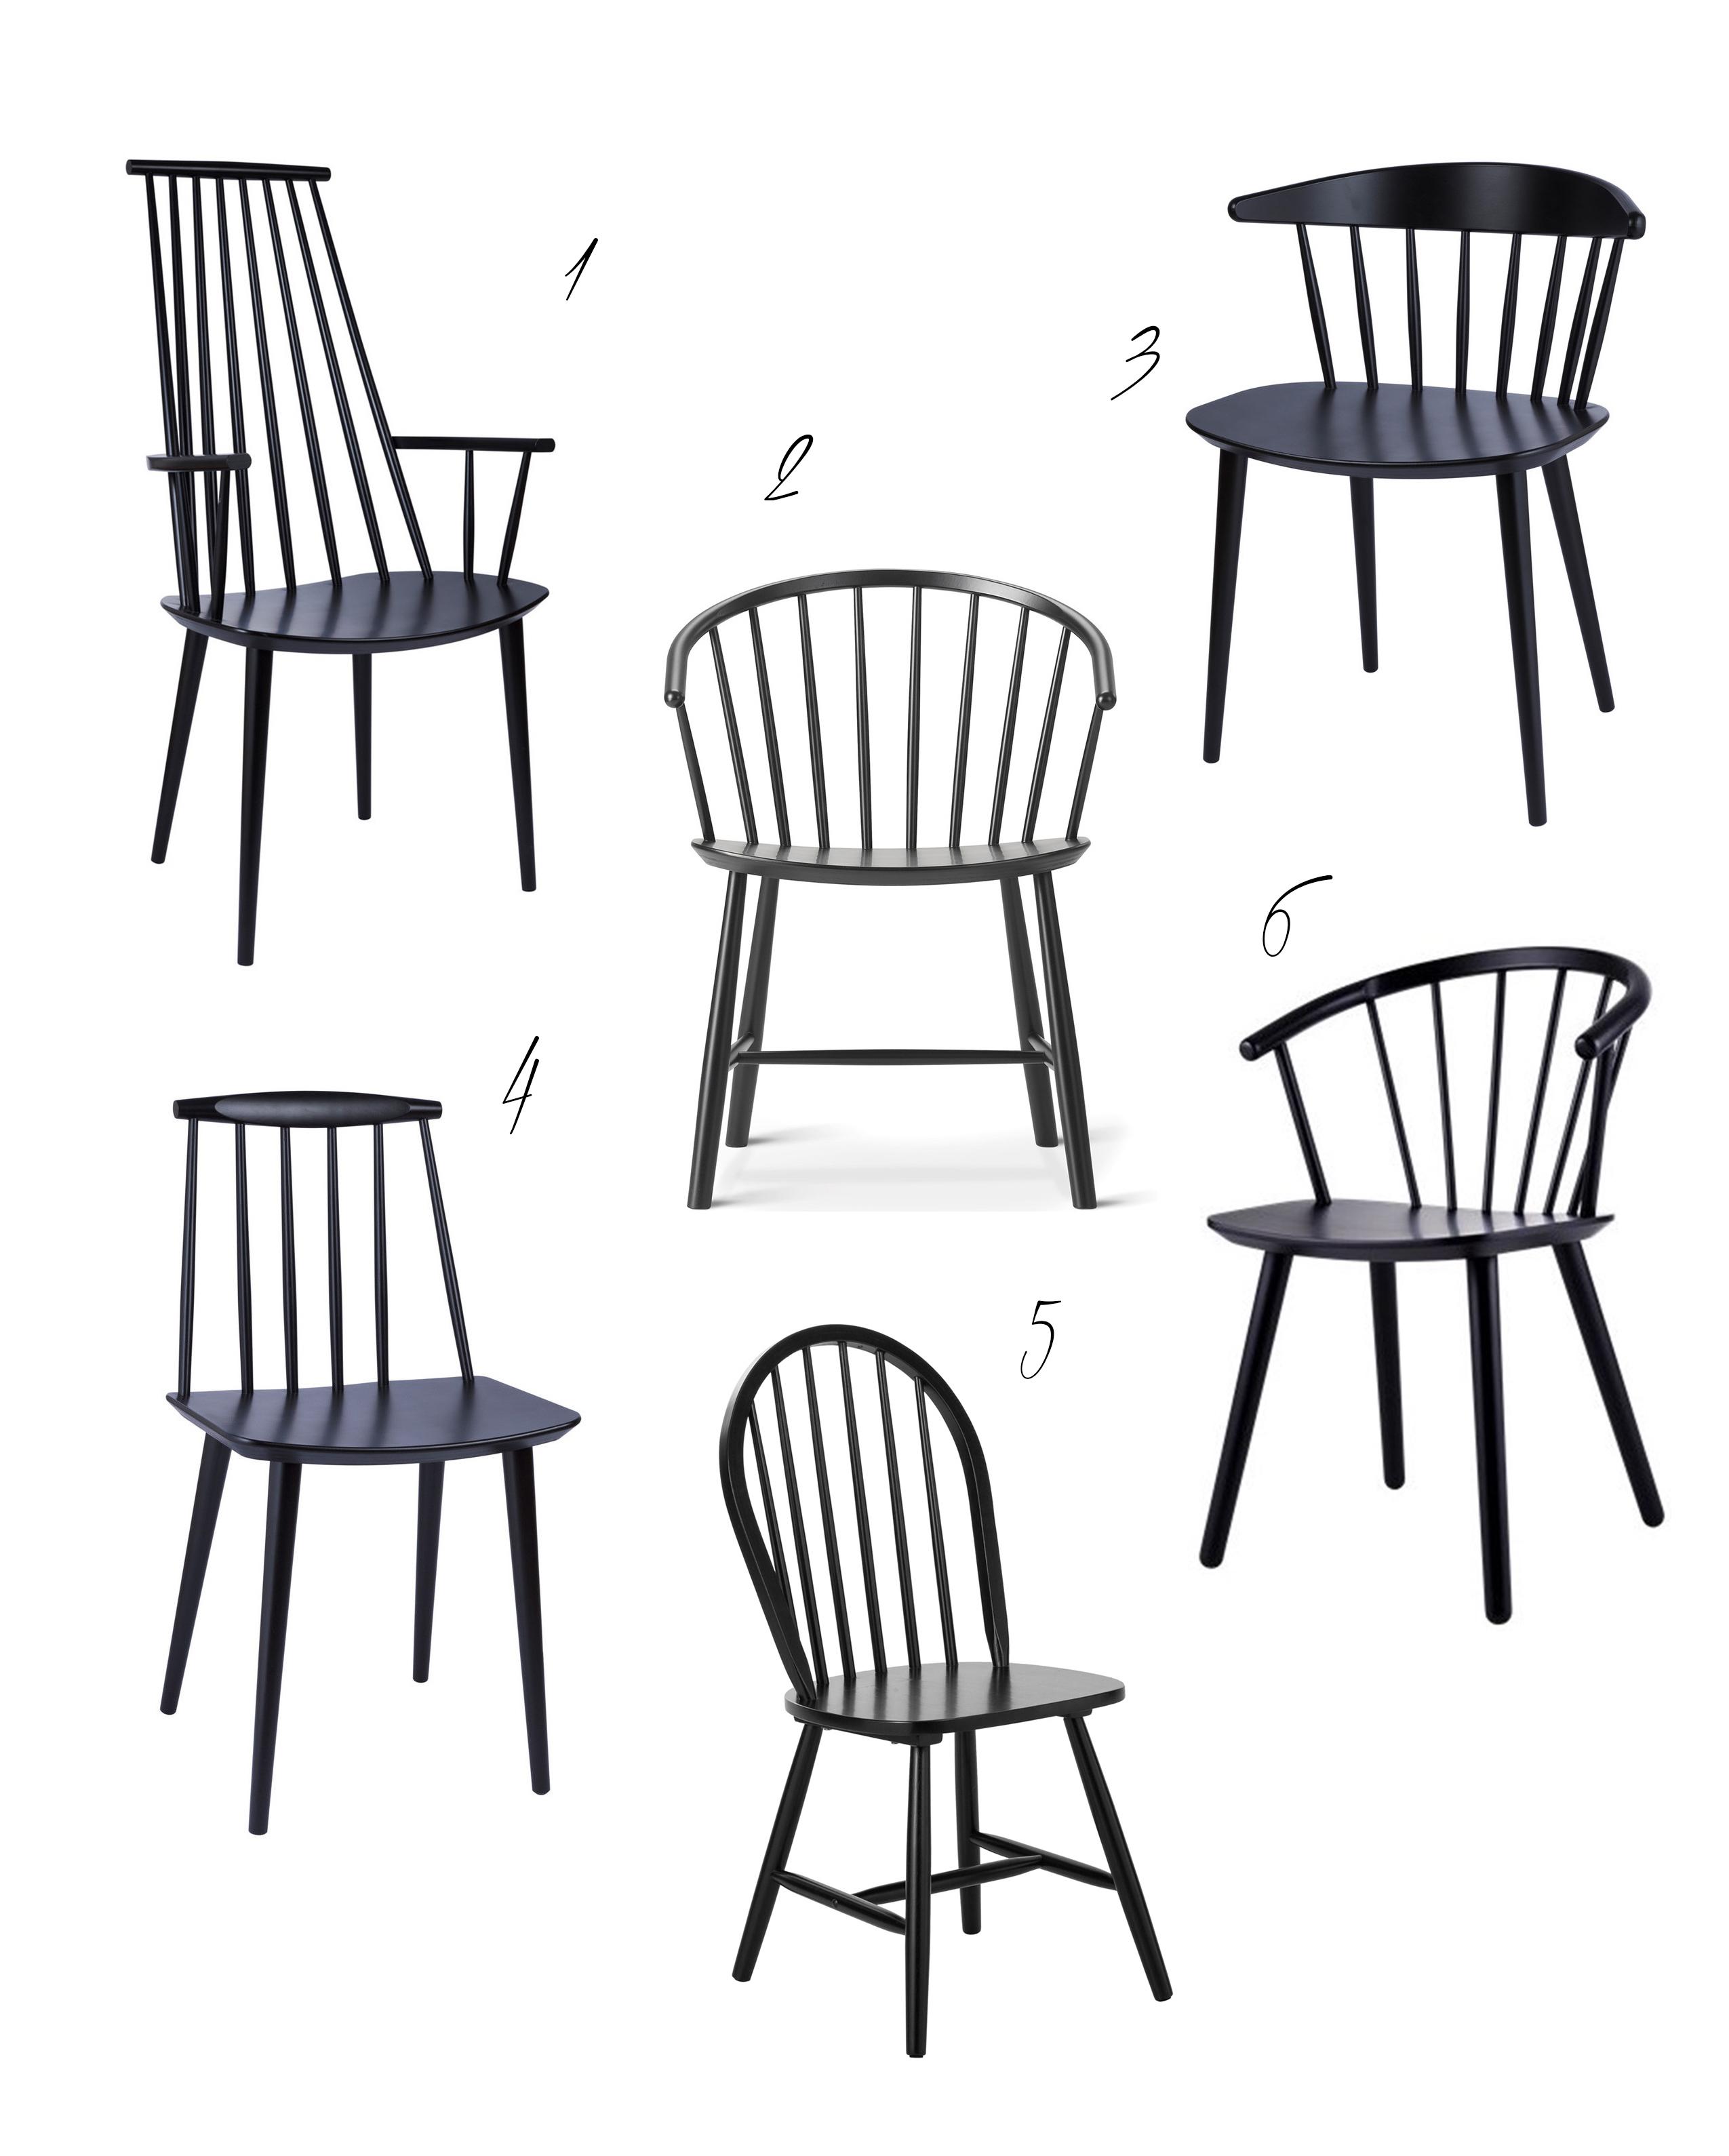 schwarze windsorst hle st bchen st hle. Black Bedroom Furniture Sets. Home Design Ideas